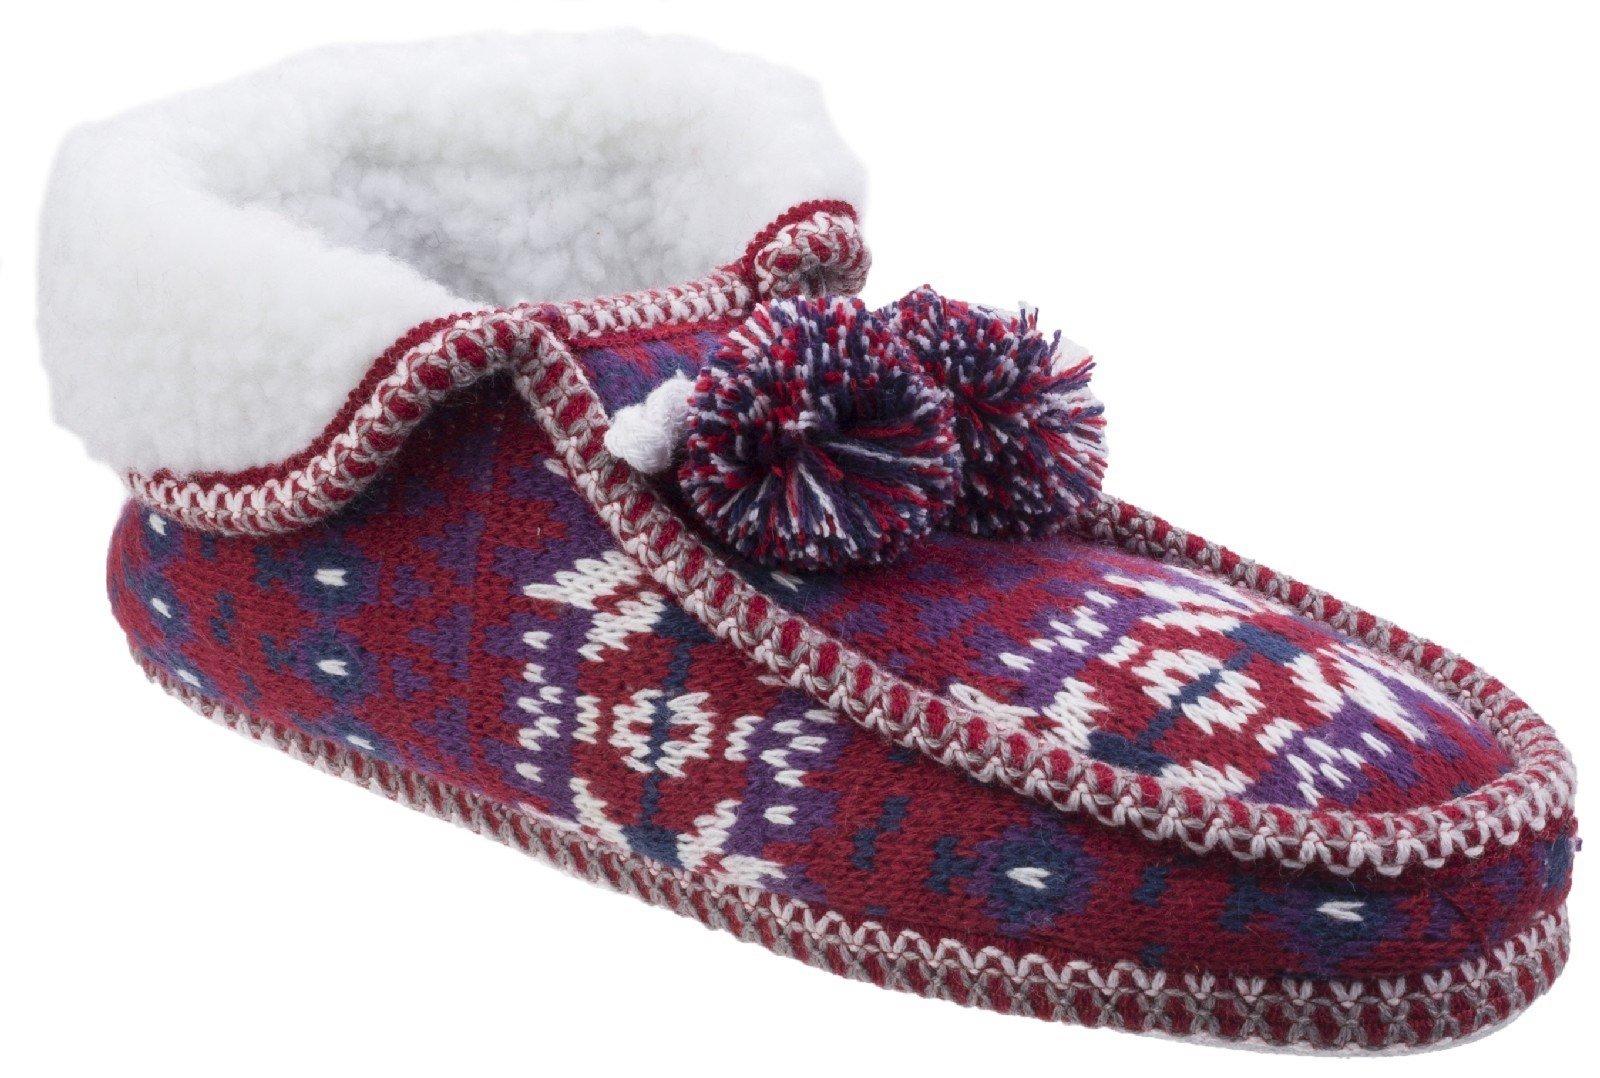 Divaz Women's Lapland Knitted Slipper Black 25584-42601 - Red 4